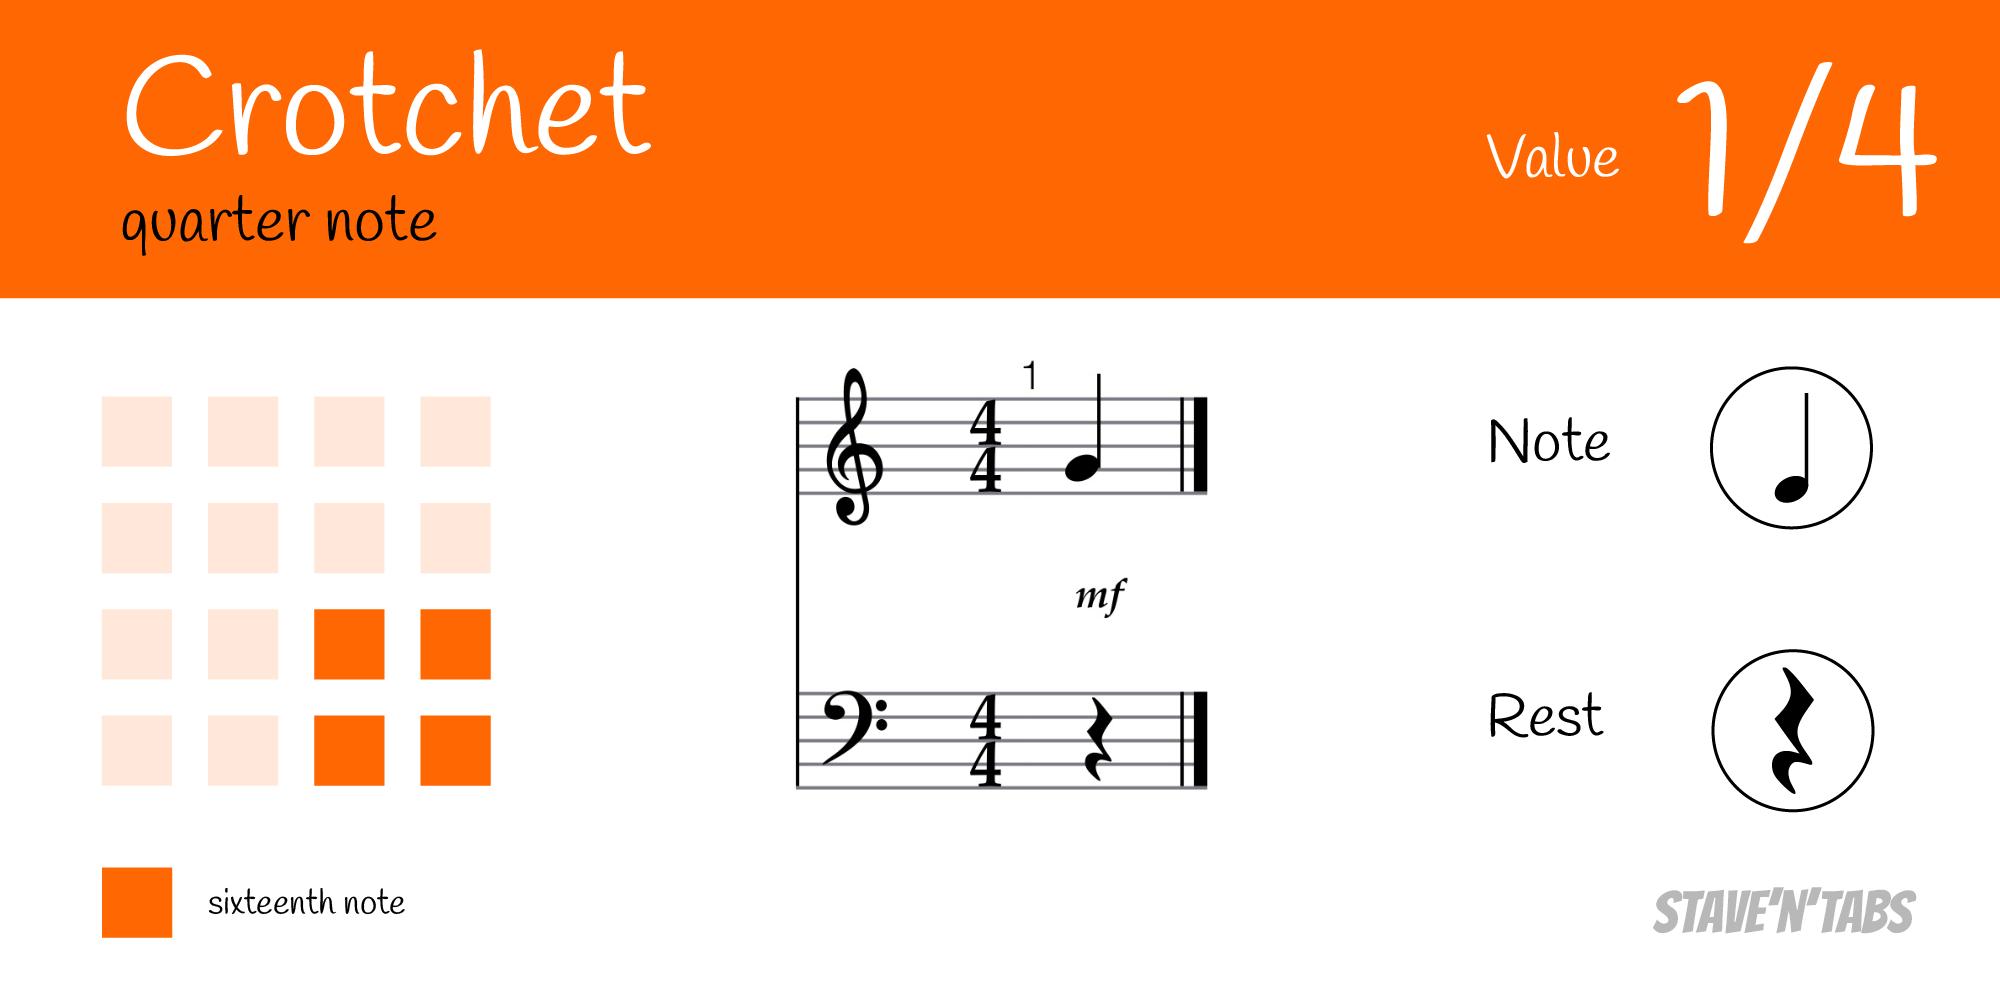 Crotchet - Quarter note (1/4)